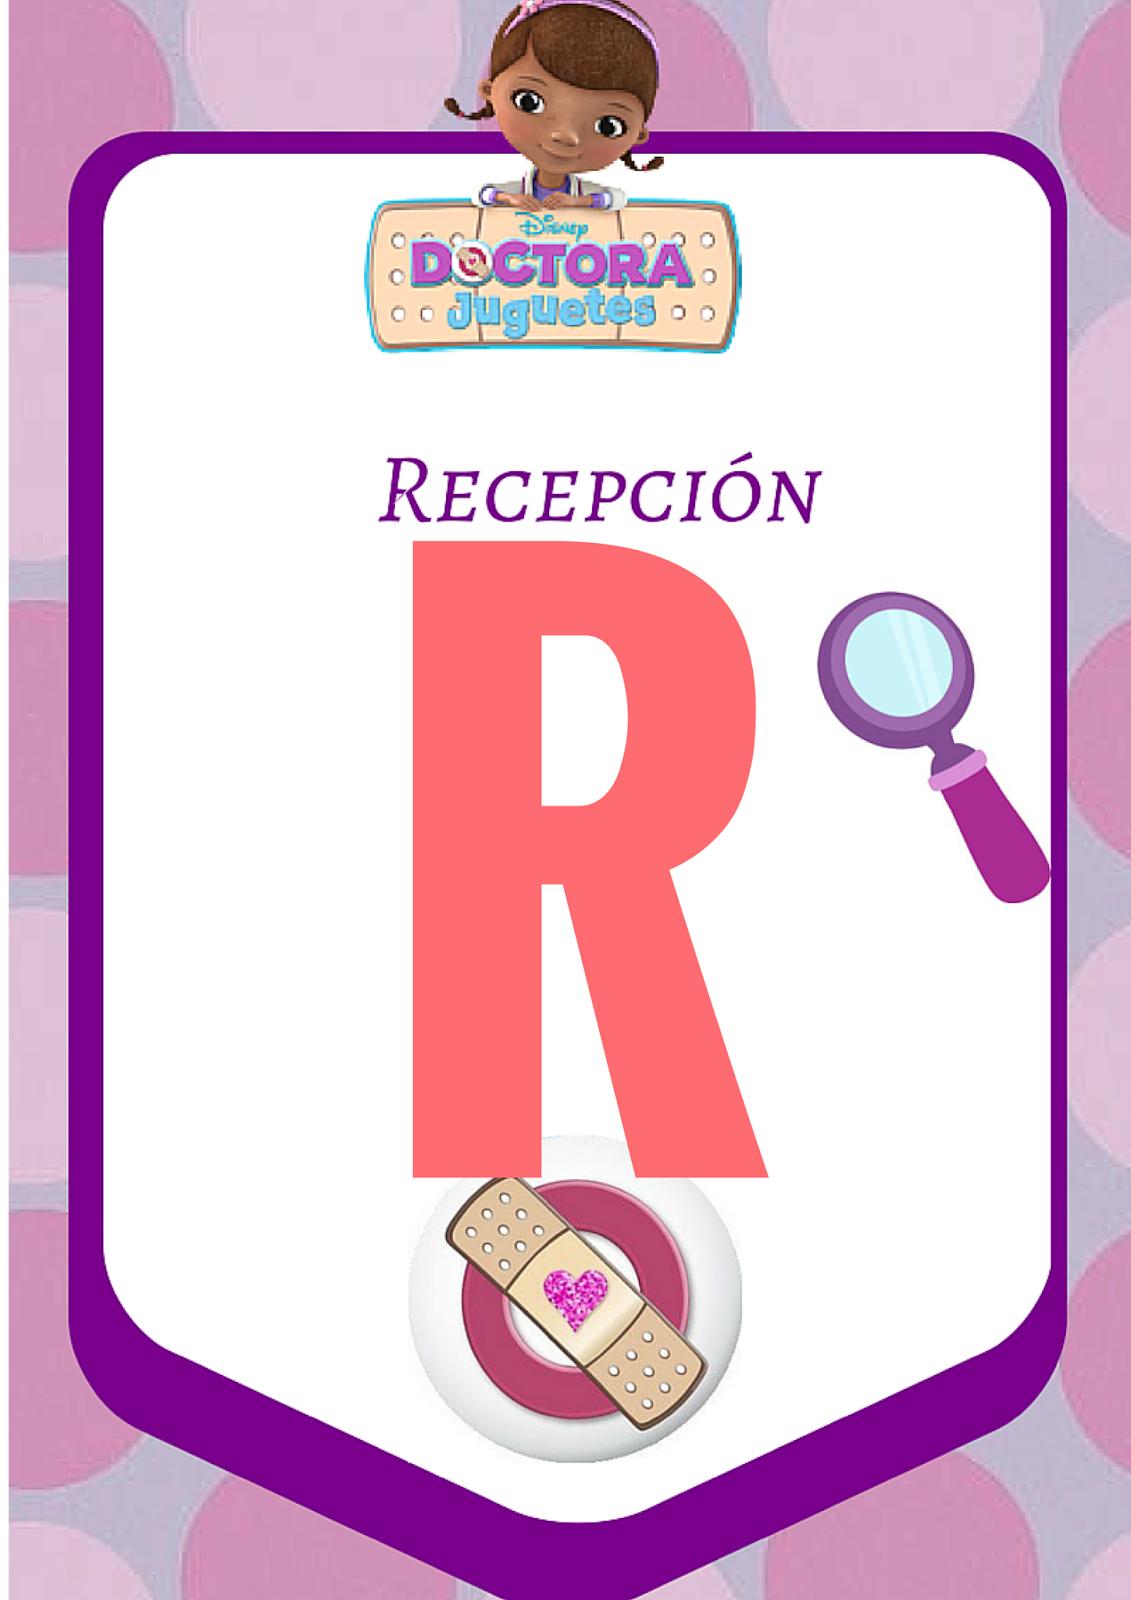 Letreros y Gafete para fiesta de Doctora Juguetes